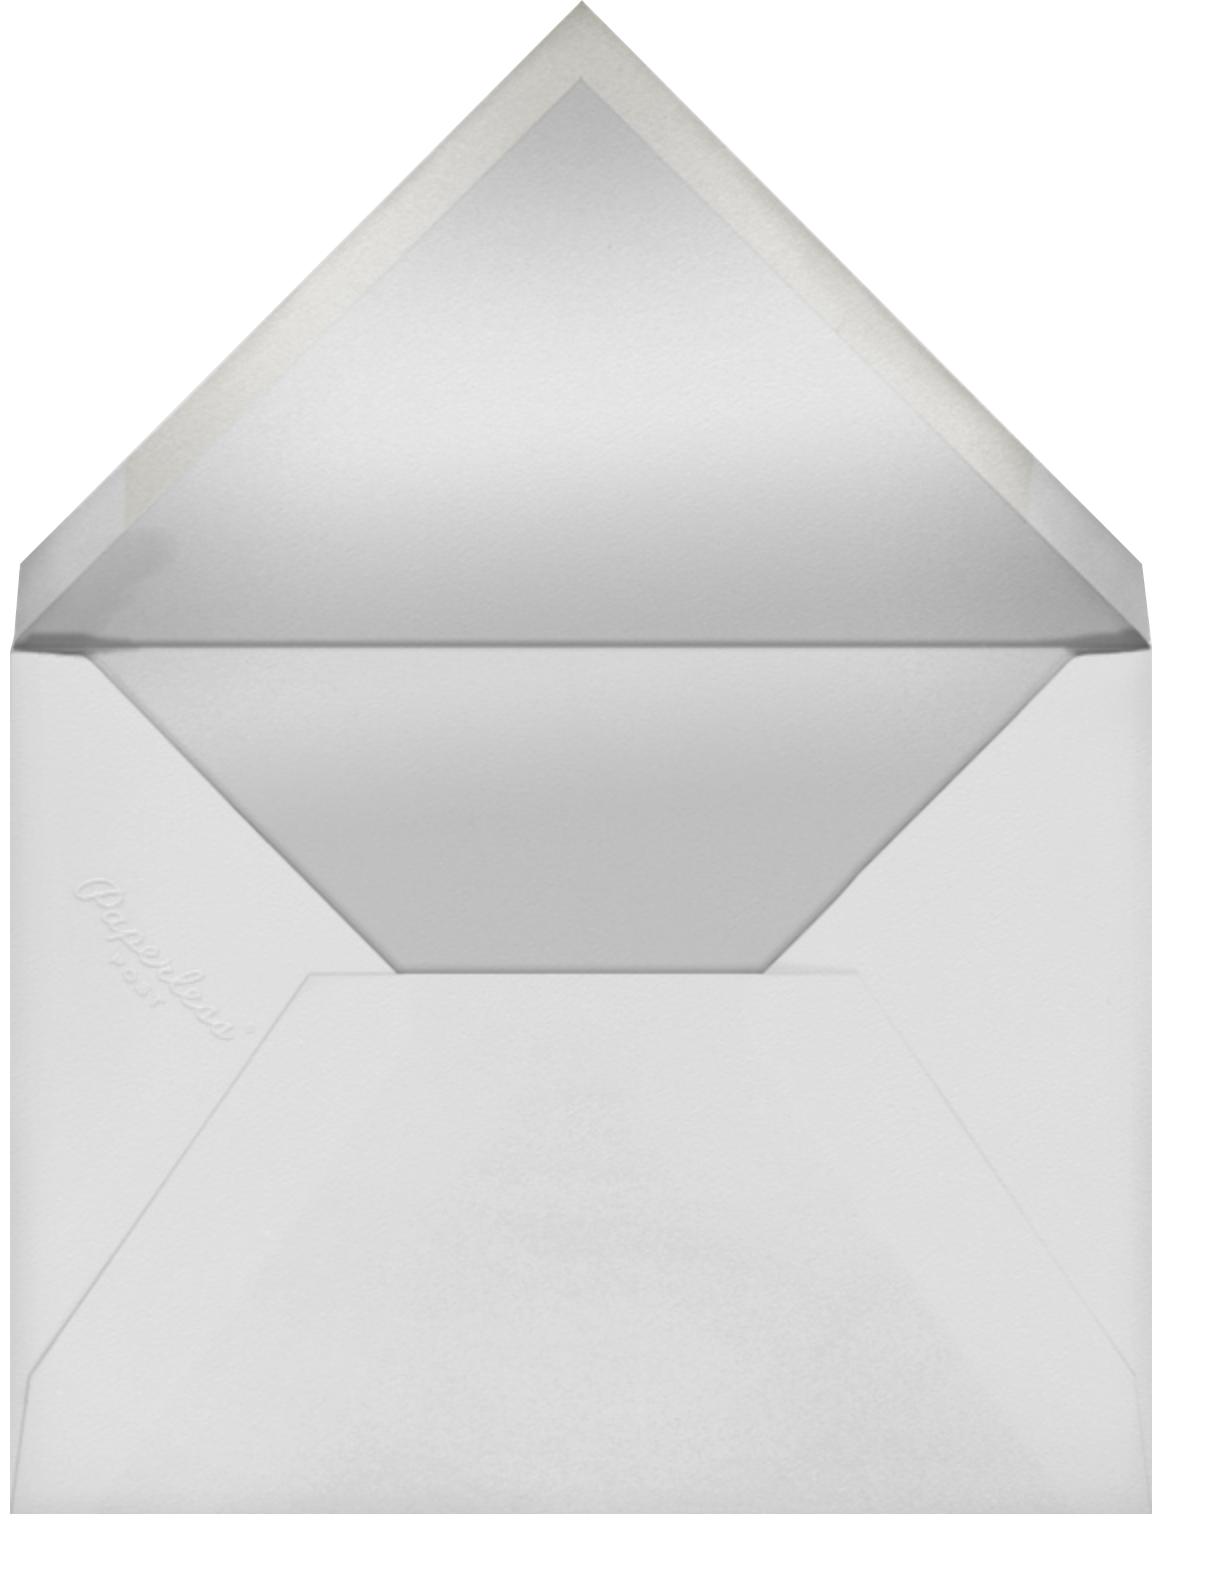 Josephine Baker (Program) - Black/Gold - Paperless Post - Menus and programs - envelope back